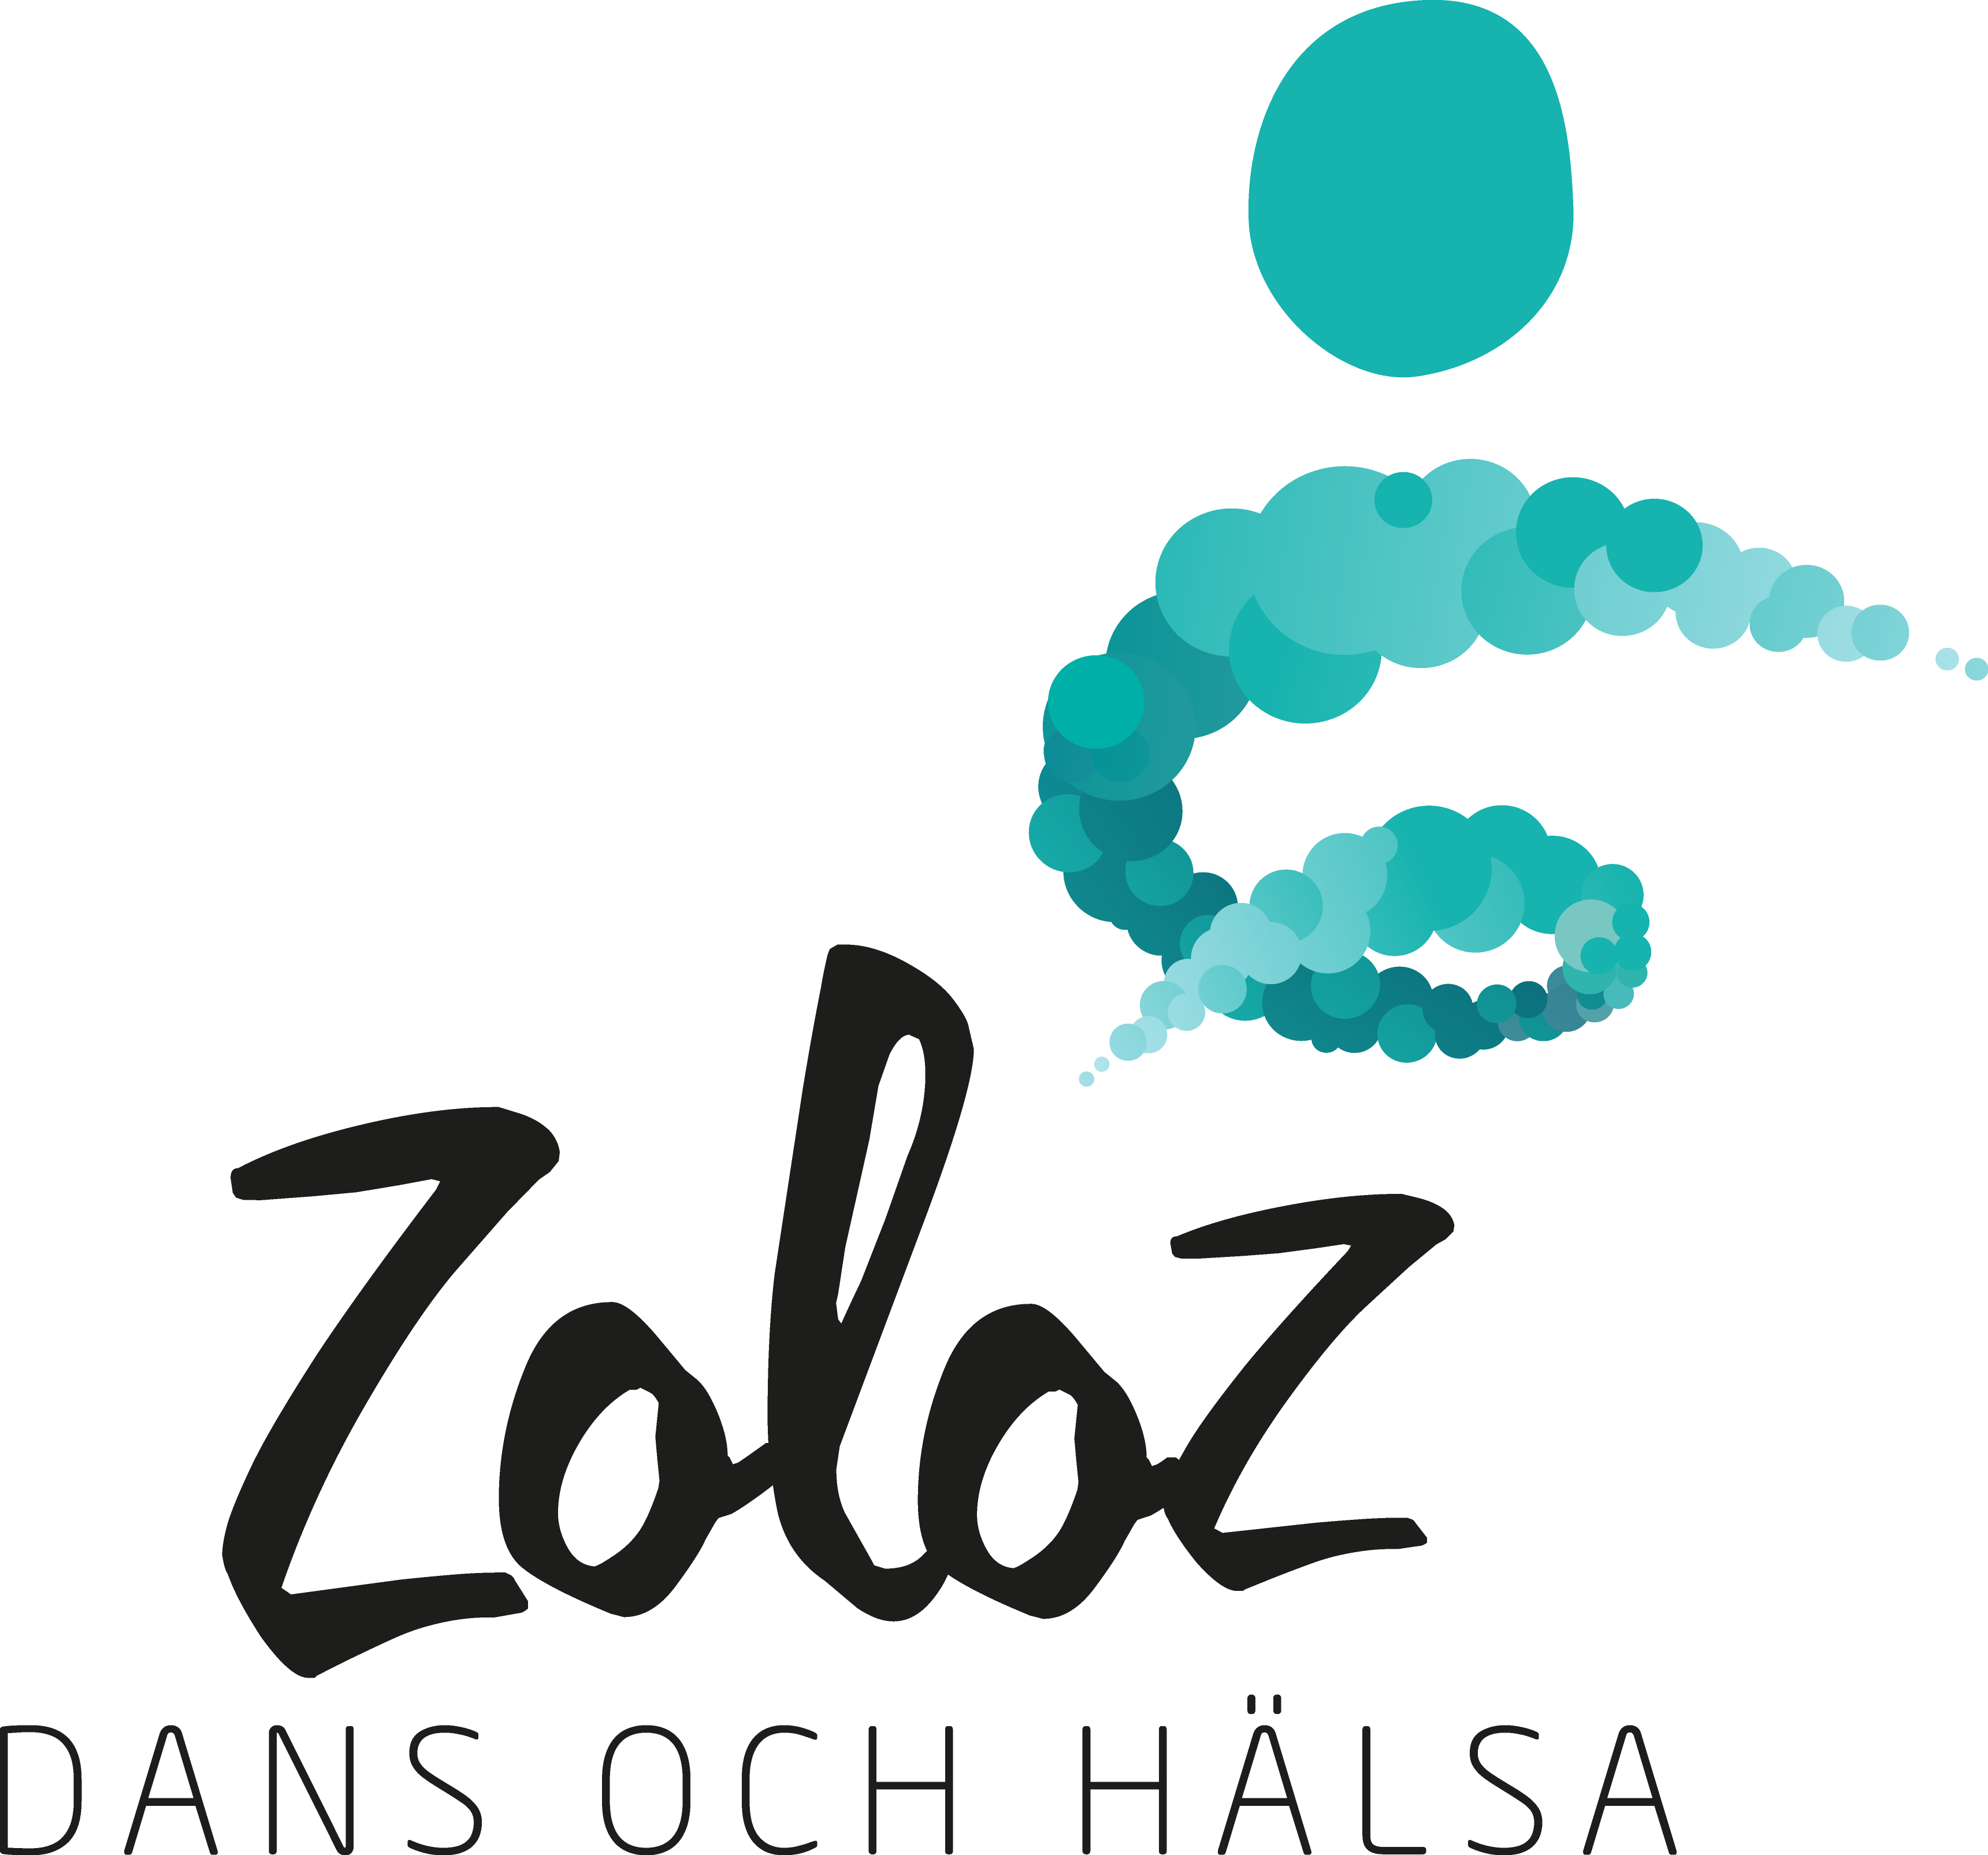 Zoloz